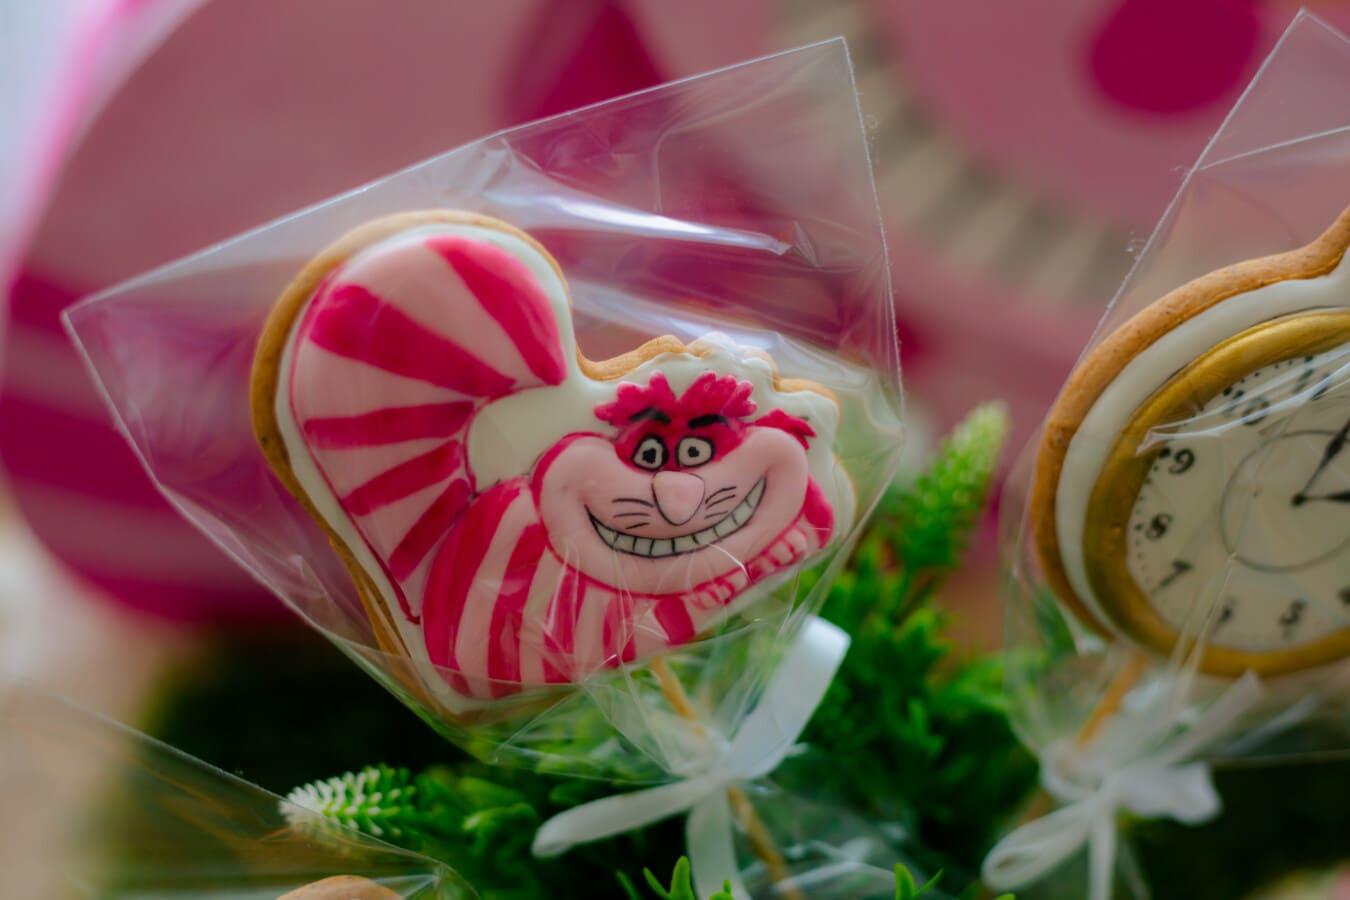 drôle, la sucette, décoration, bonbons, couleur, brillant, belle, célébration, bonbons, traditionnel